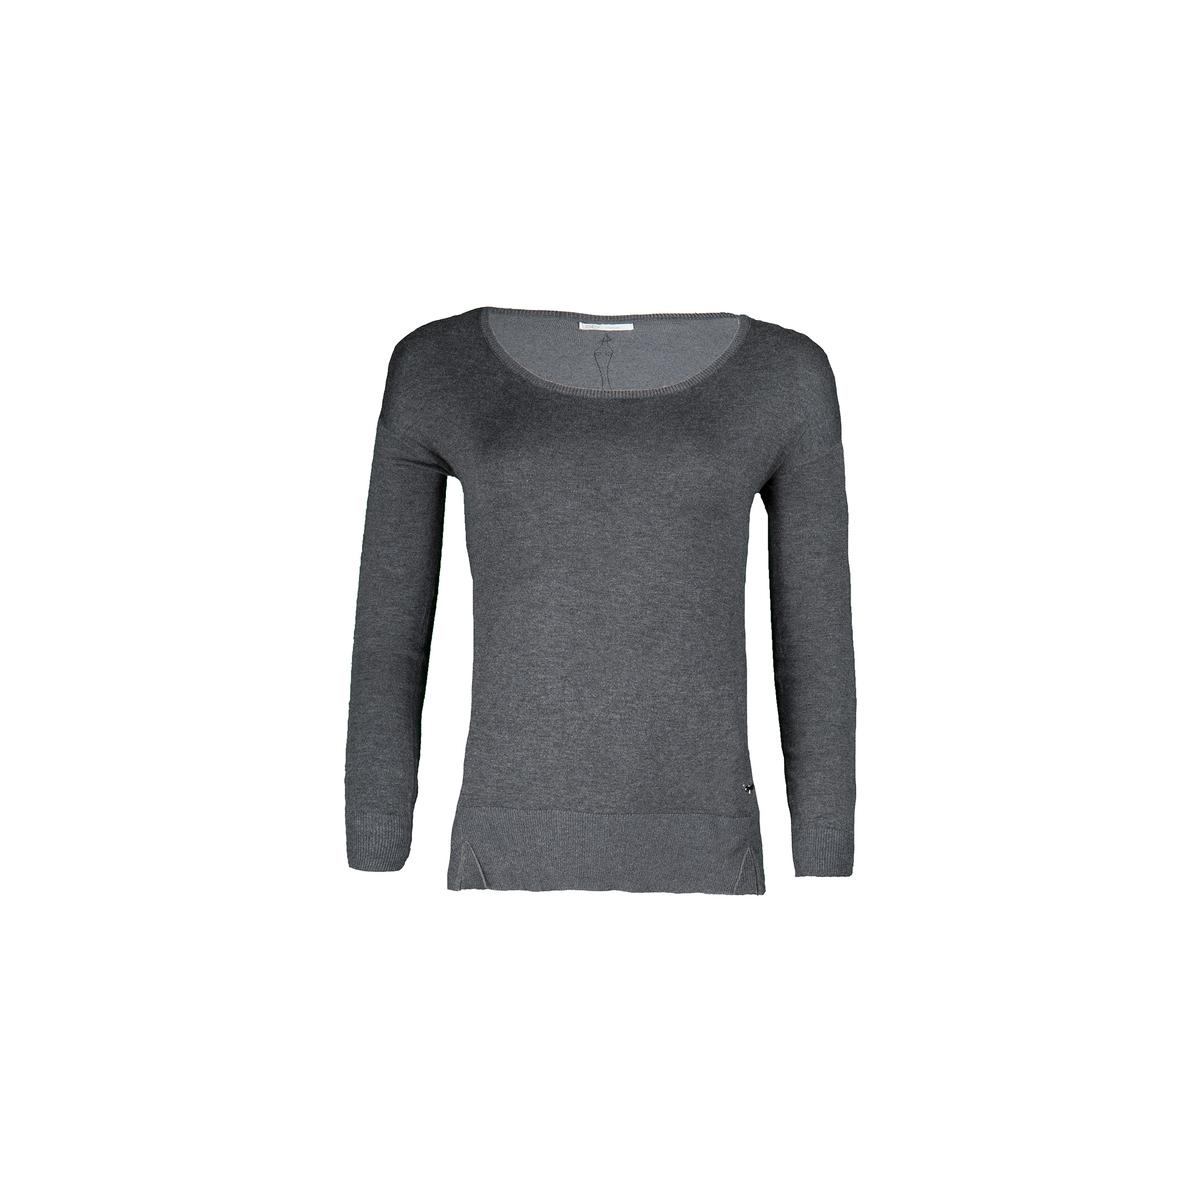 Пуловер с круглым вырезом из тонкого трикотажаДетали •  Длинные рукава •  Круглый вырез •  Тонкий трикотаж Состав и уход •  78% вискозы, 3% эластана, 19% полиамида •  Следуйте советам по уходу, указанным на этикетке<br><br>Цвет: антрацит,хаки